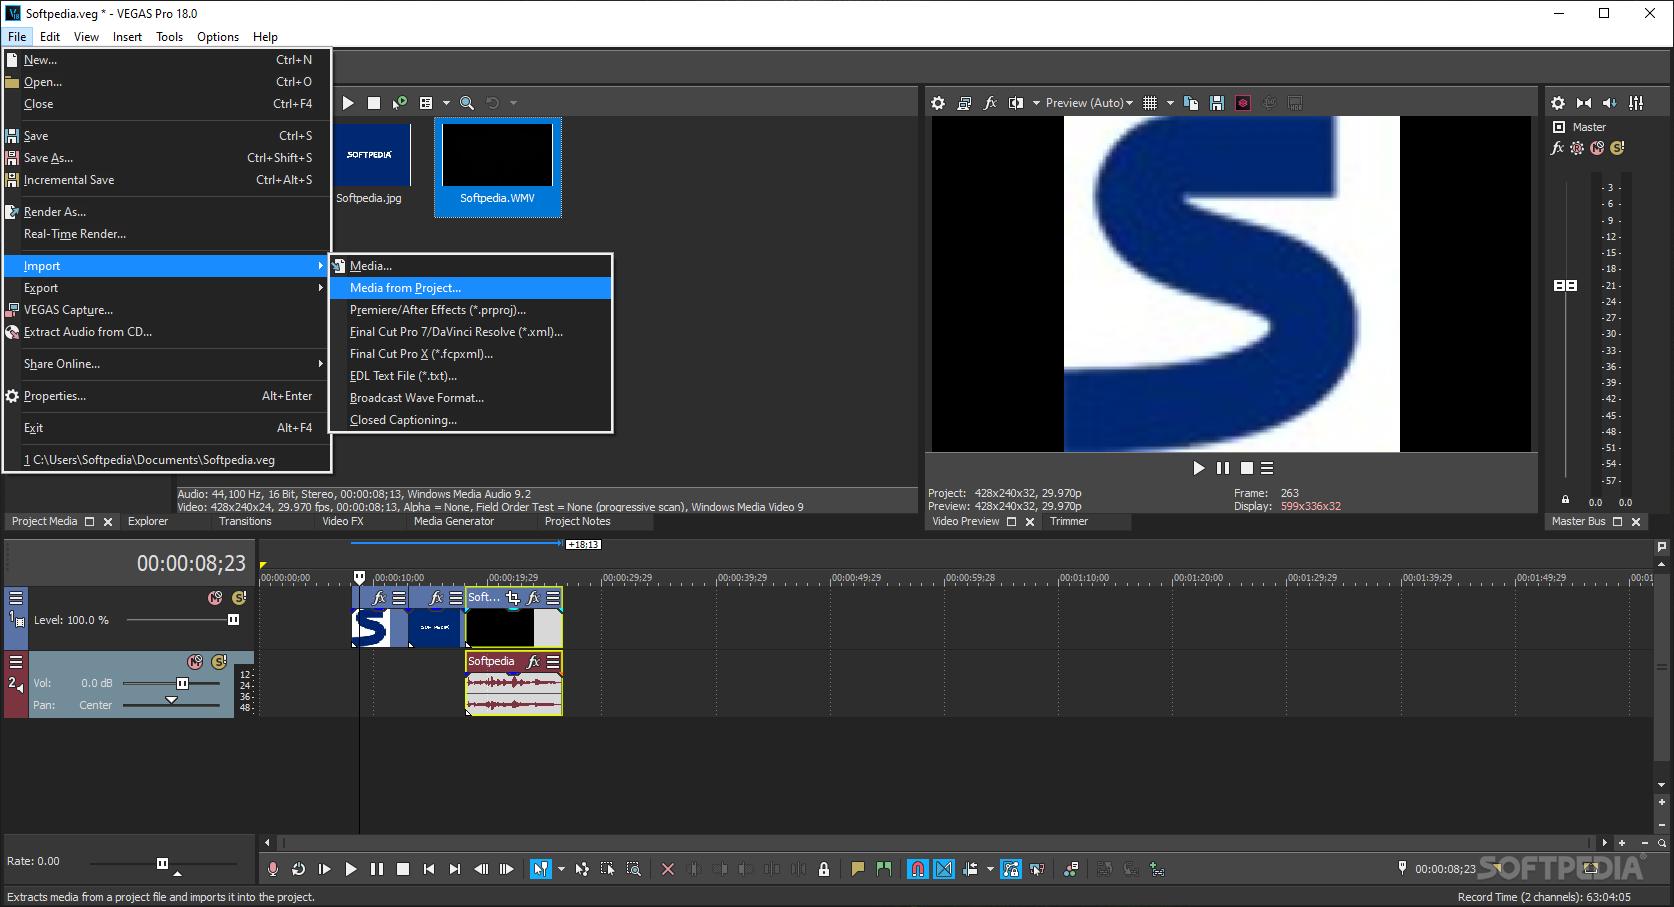 Sony Vegas Pro v8.0b Build 217